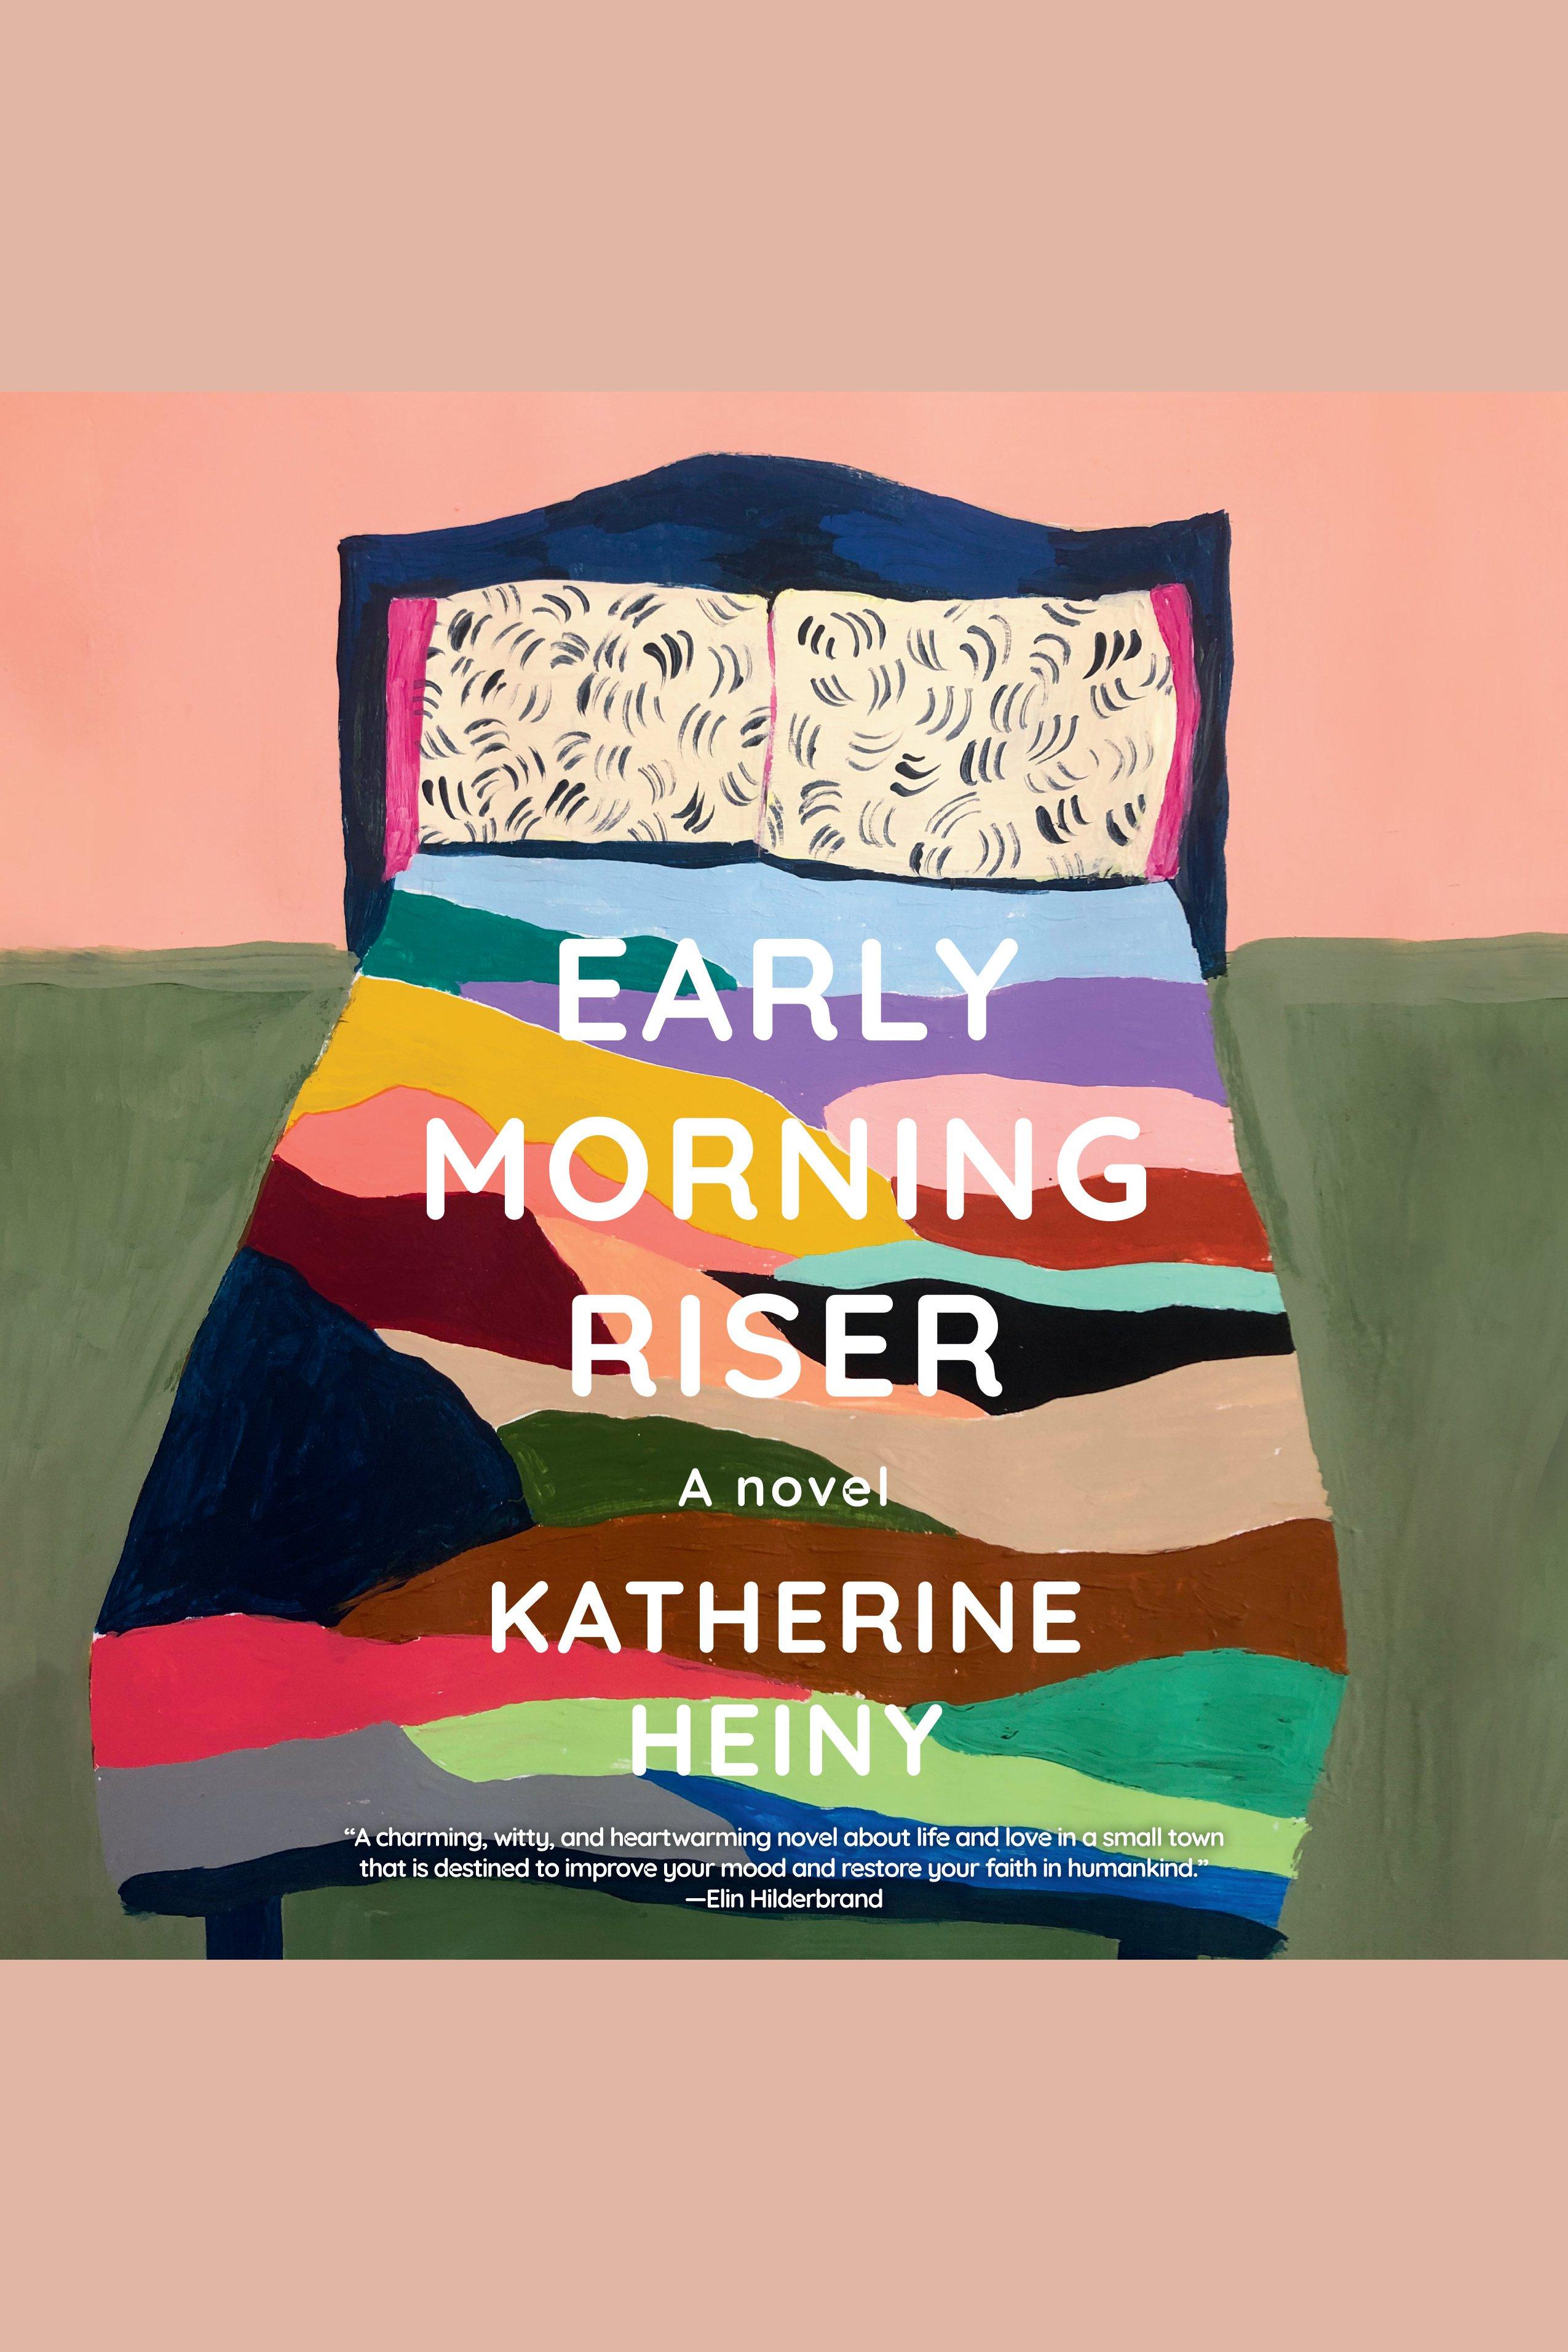 Early Morning Riser A novel